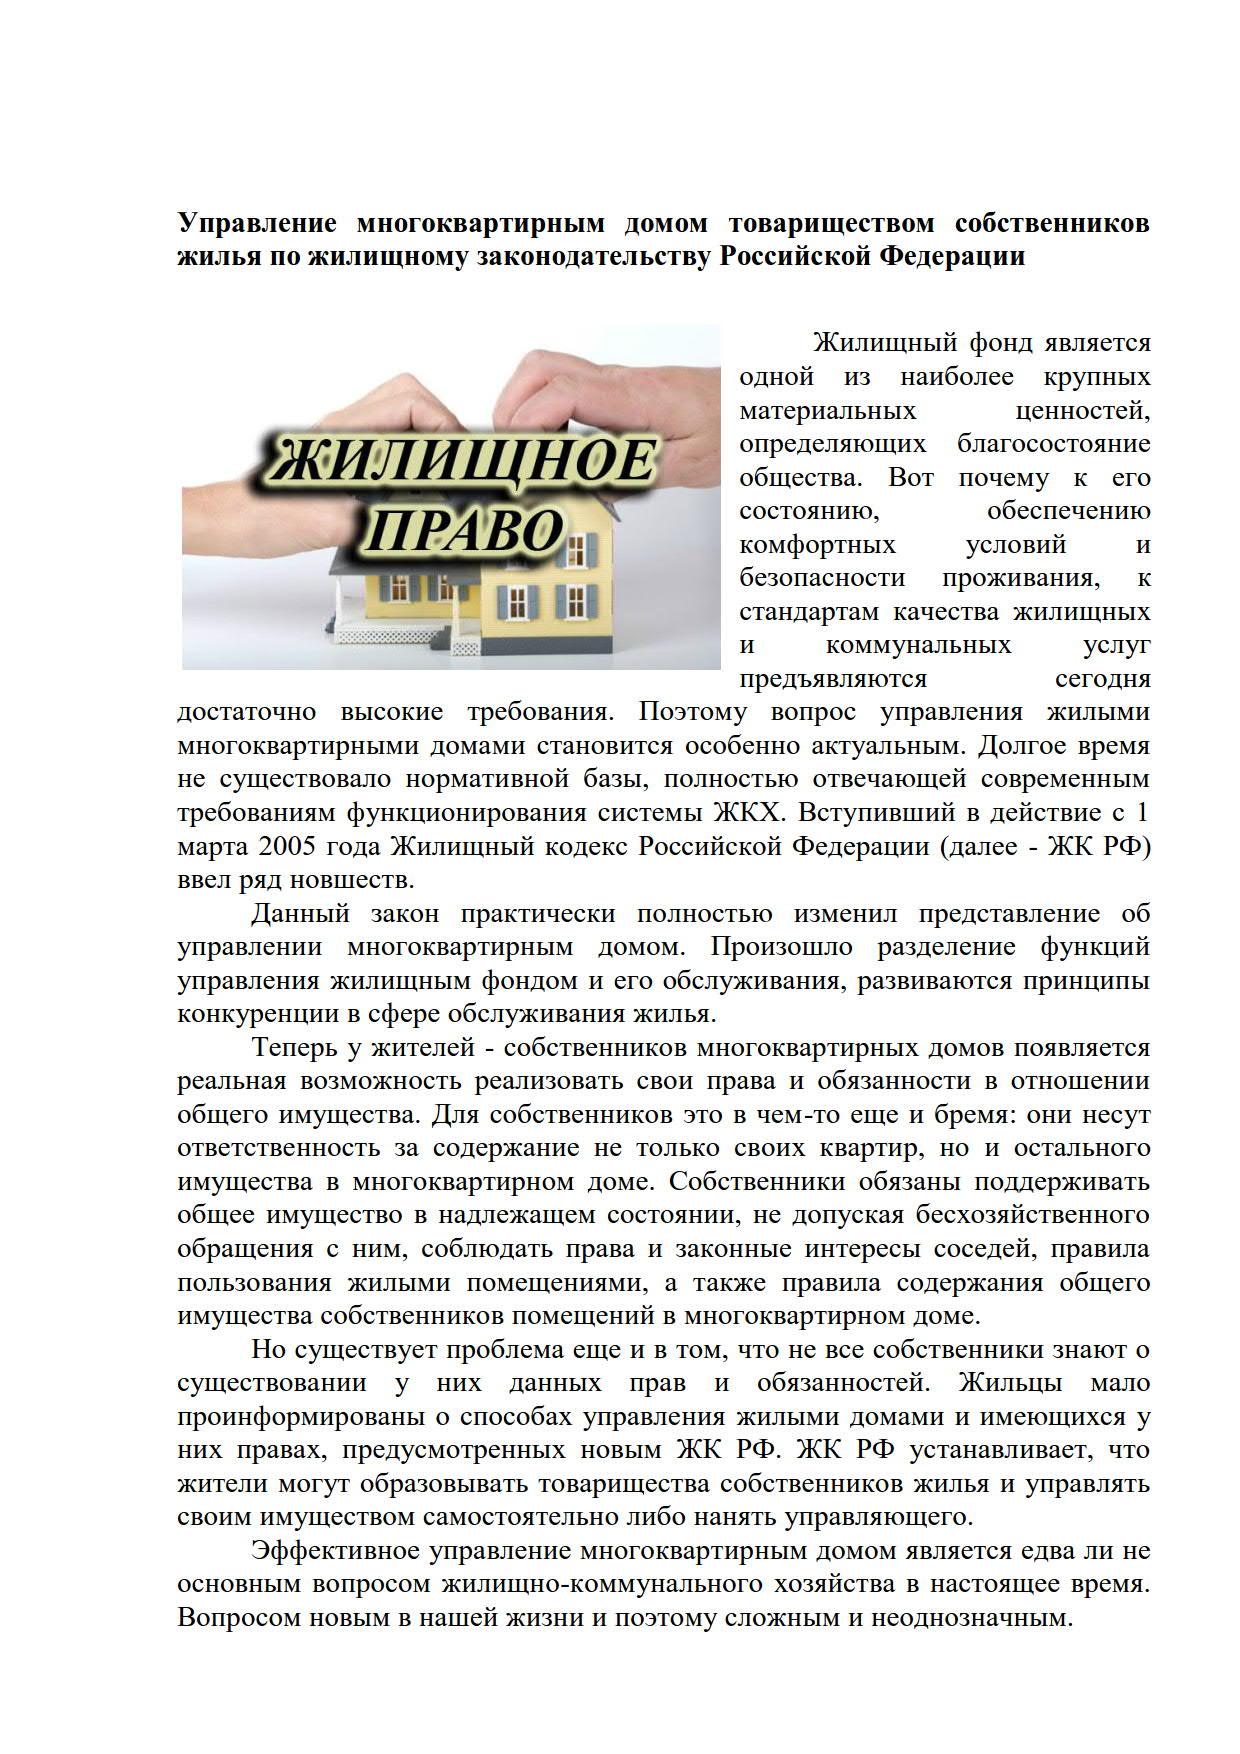 Управление многоквартирным домом ТСЖ_1